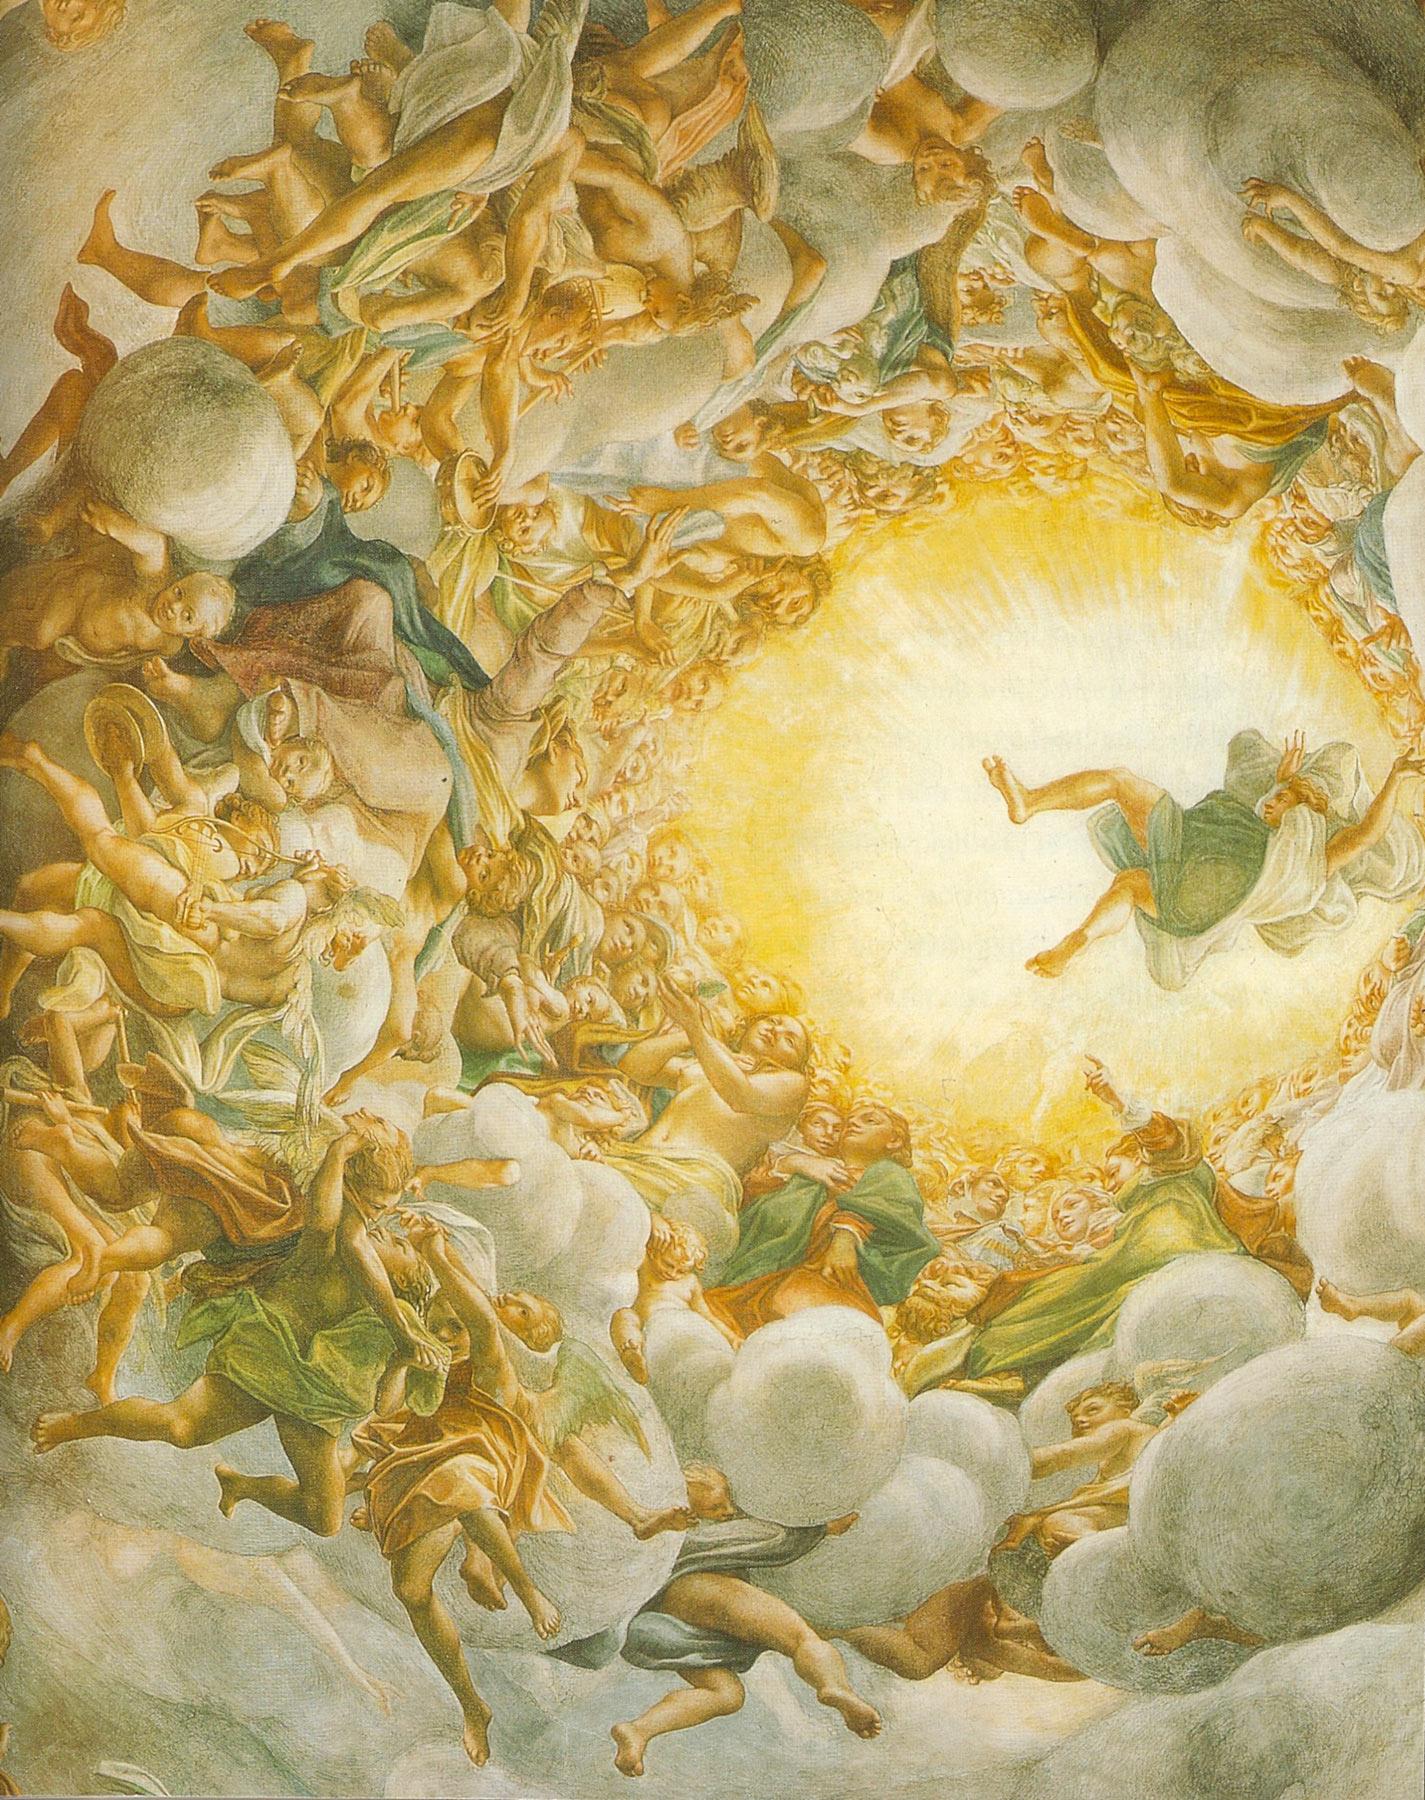 Correggio, Assunzione di Maria, particolare (affresco della cupola del Duomo di Parma)